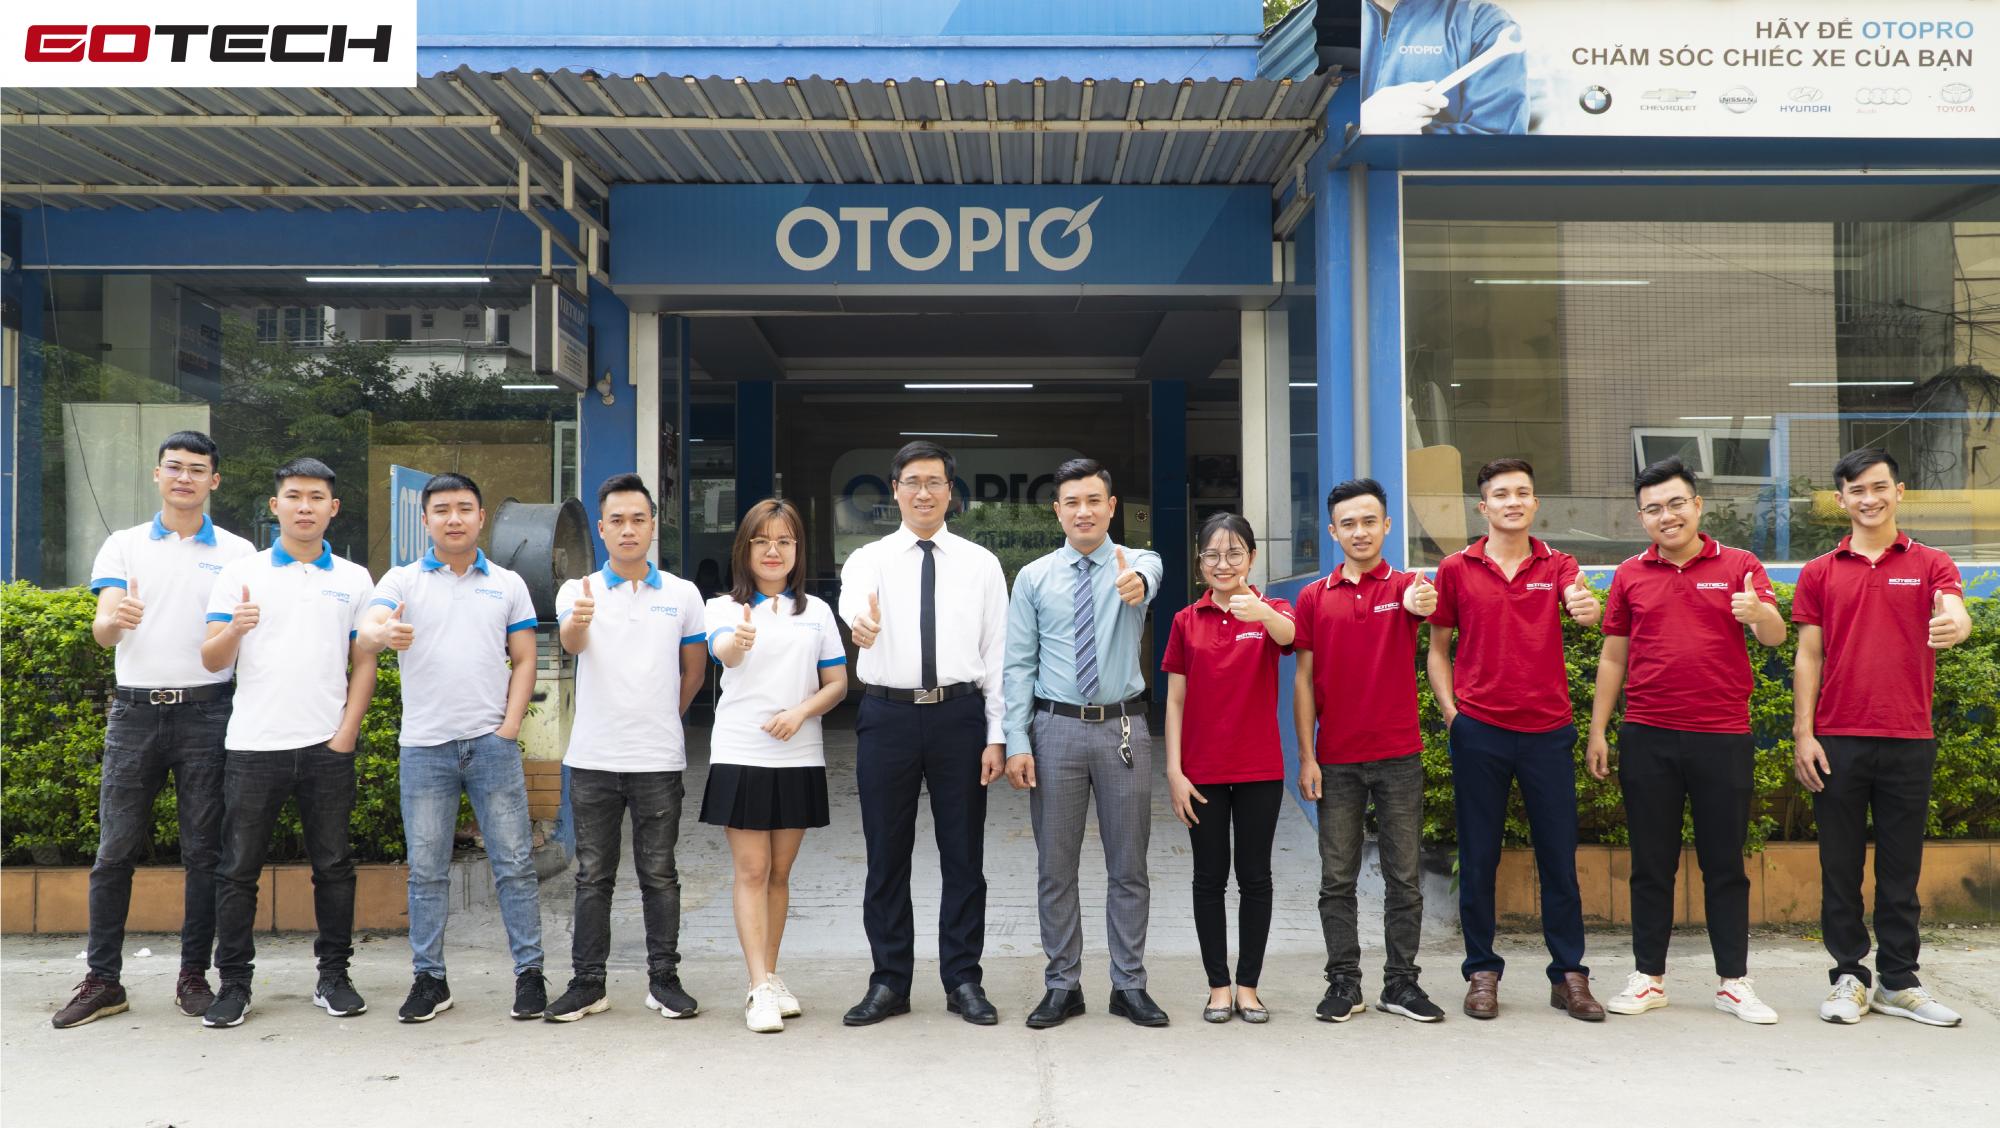 GOTECH và OtoPro hợp tác mang đến những sản phẩm, dịch vụ chất lượng nhất cho người tiêu dùng.